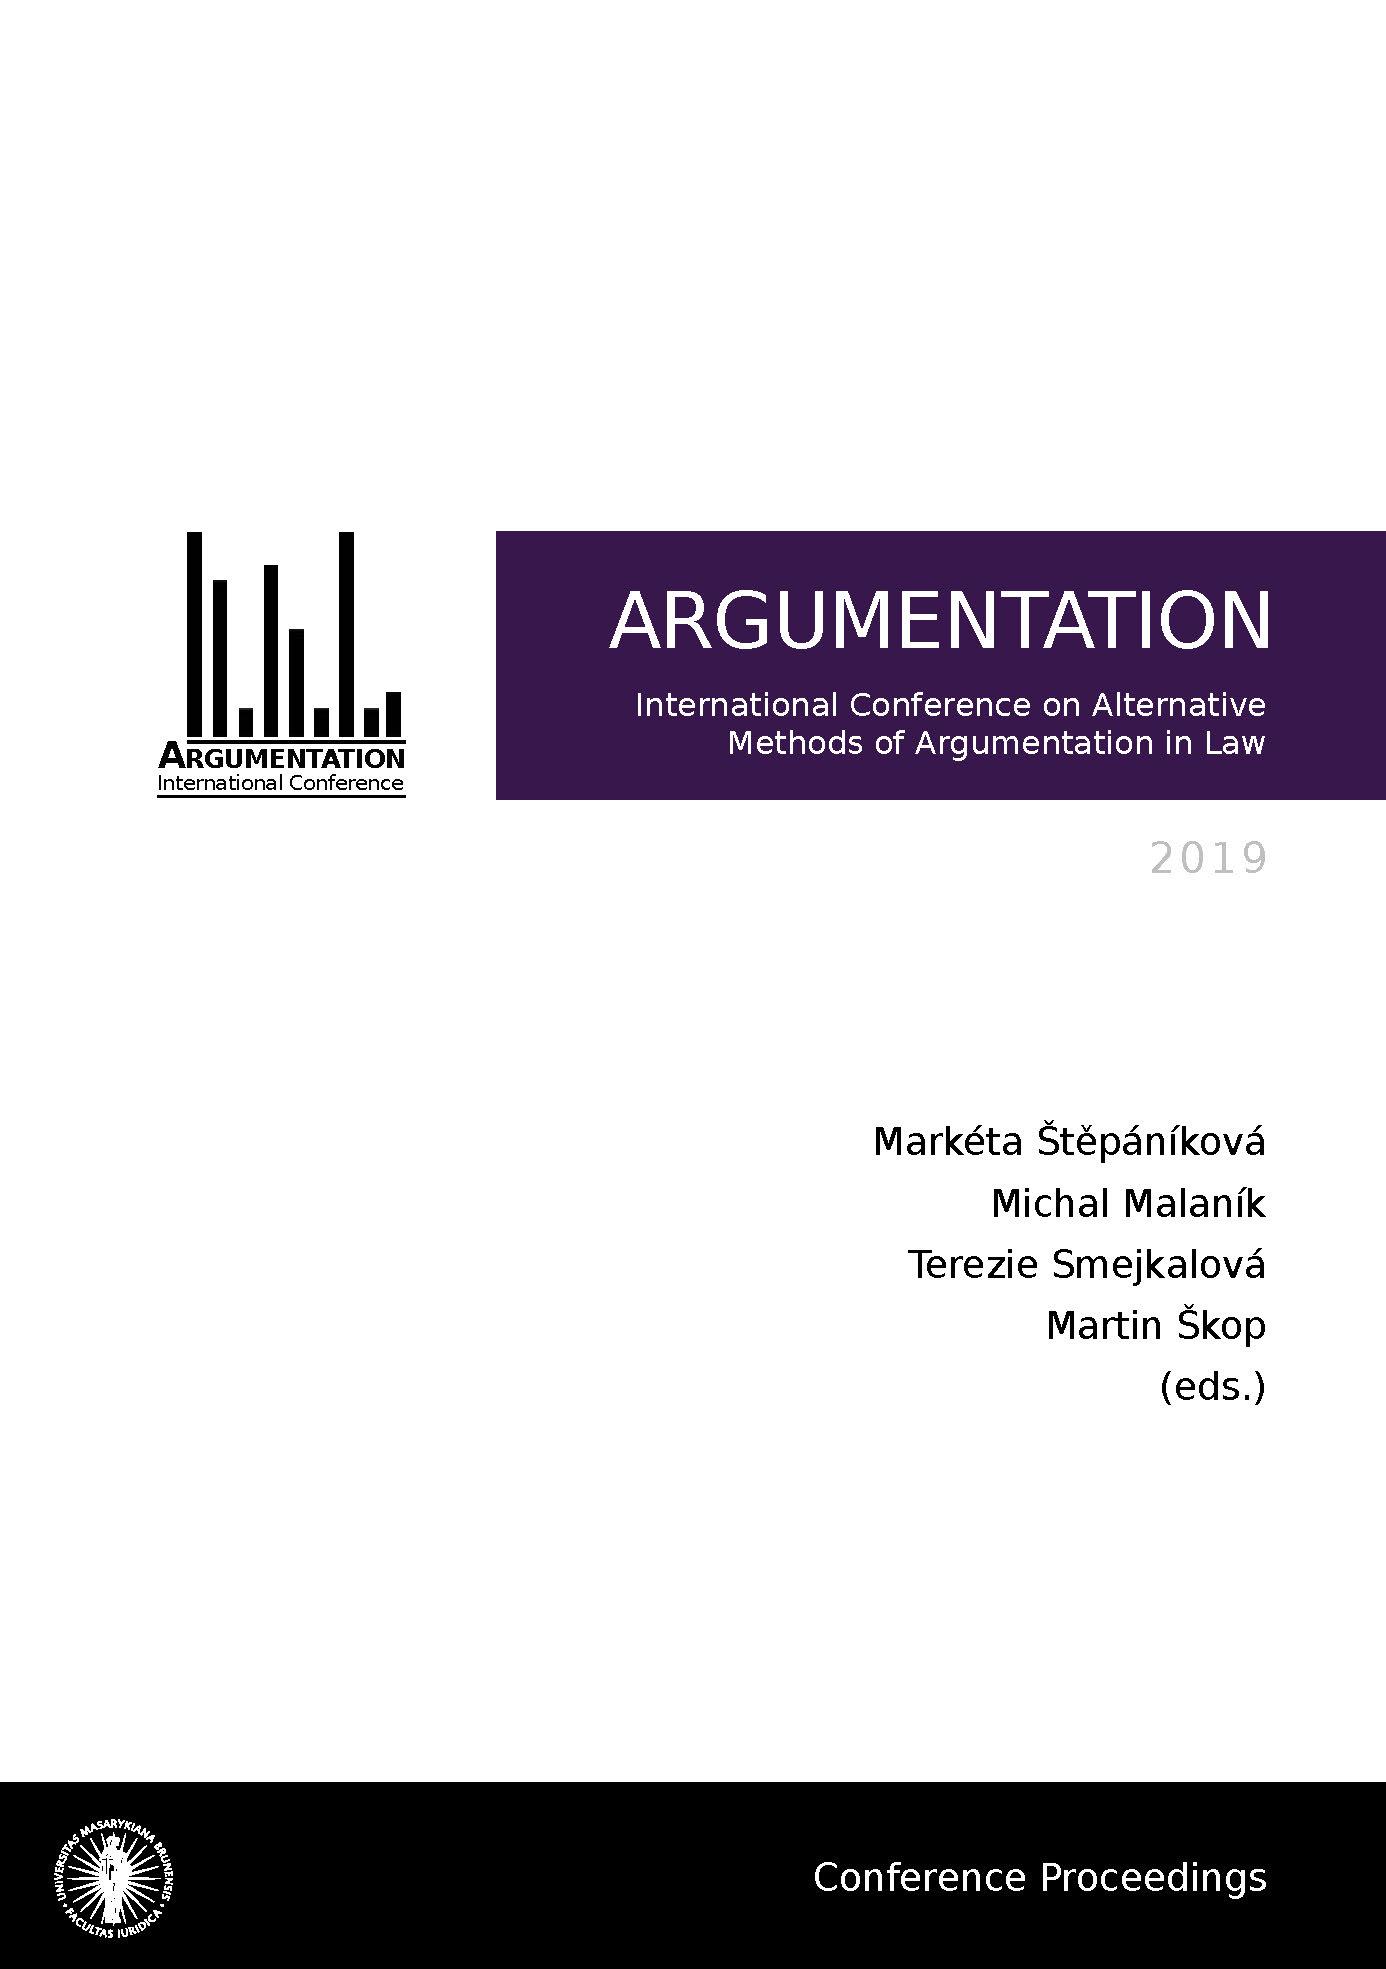 Obálka pro Argumentation 2019. International Conference on Alternative Methods of Argumentation in Law